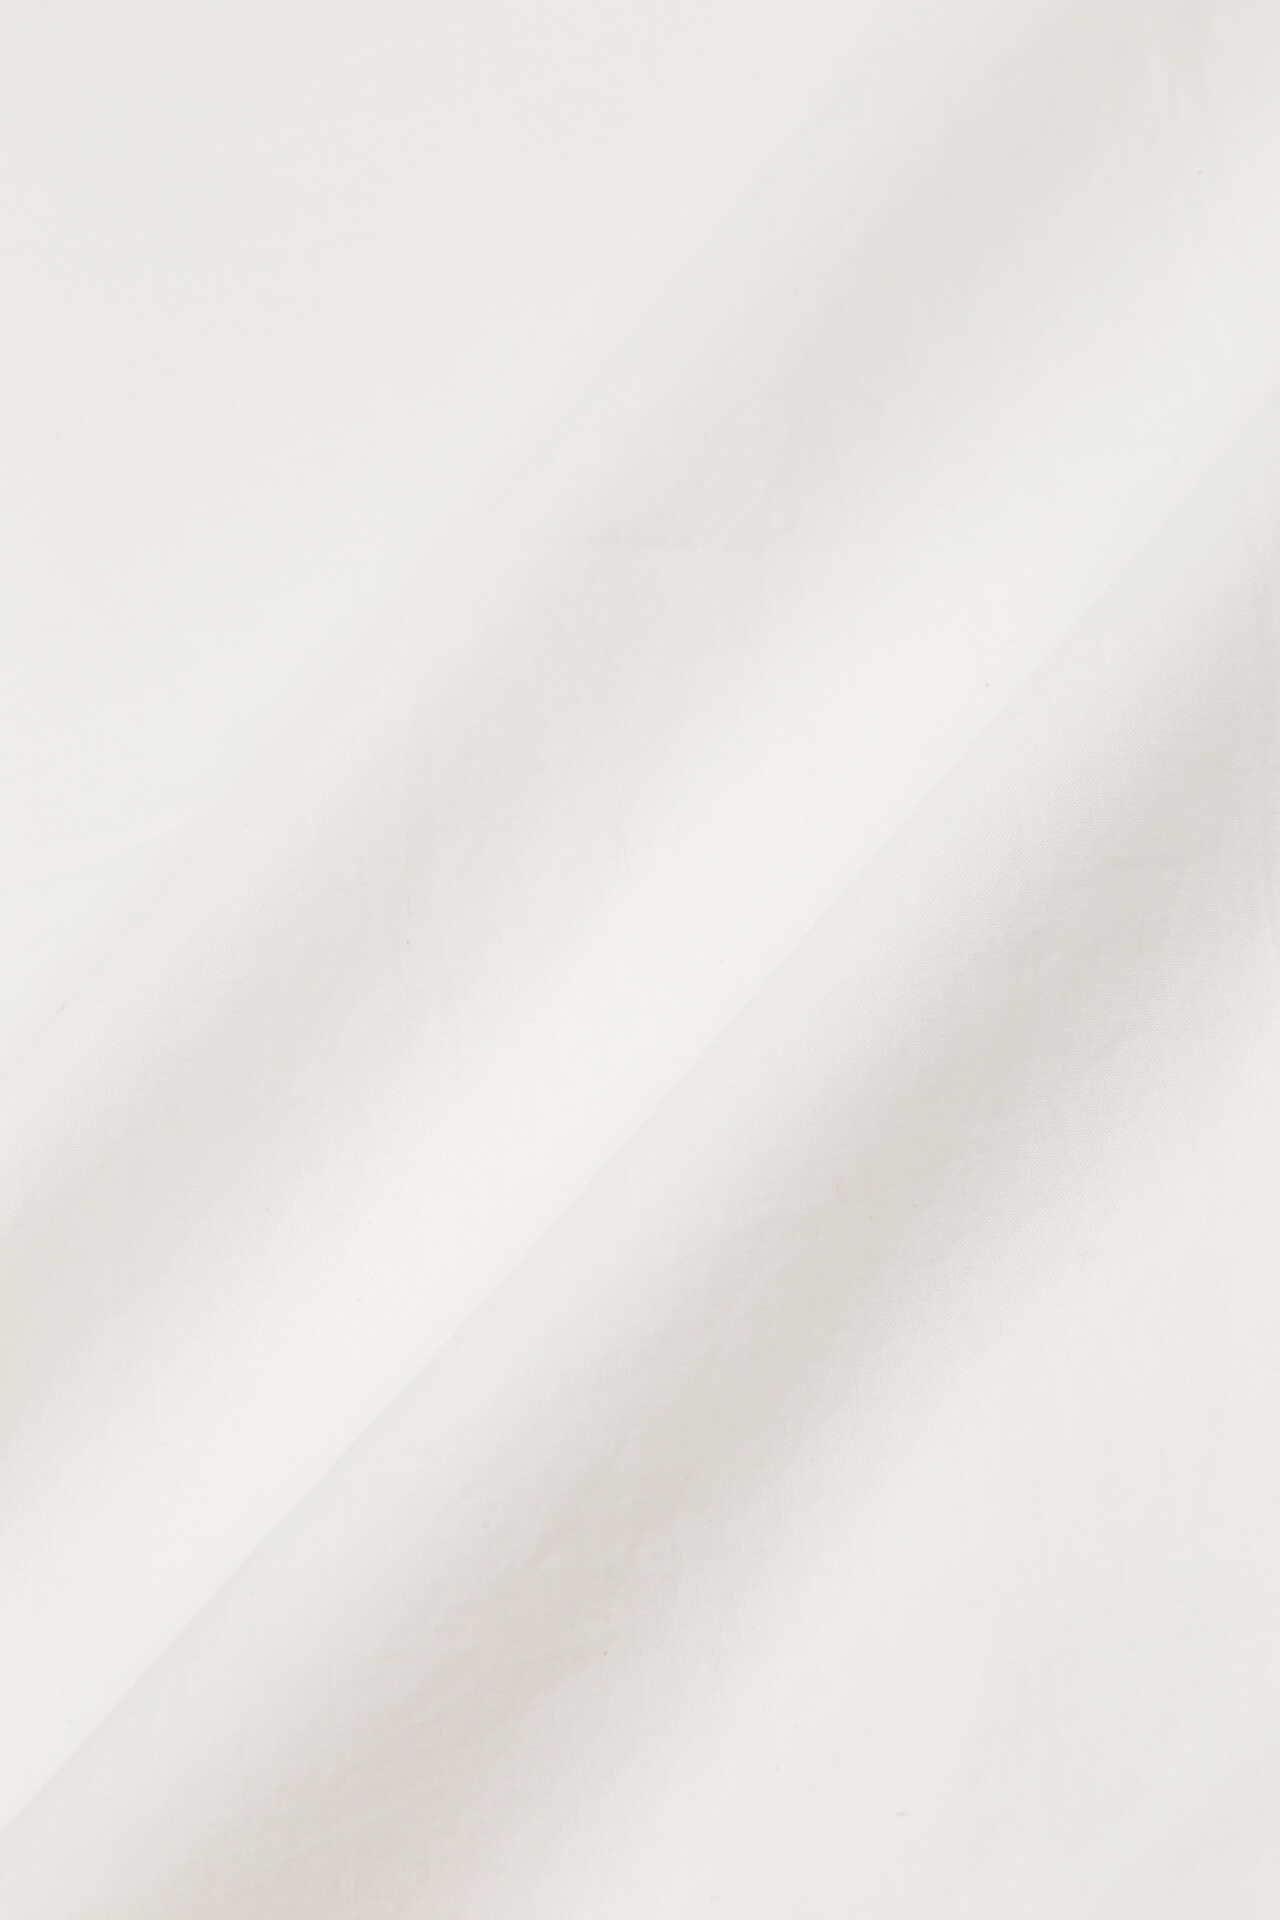 GARMENT DYE PRINTED SCARF(MHL 代官山限定)2